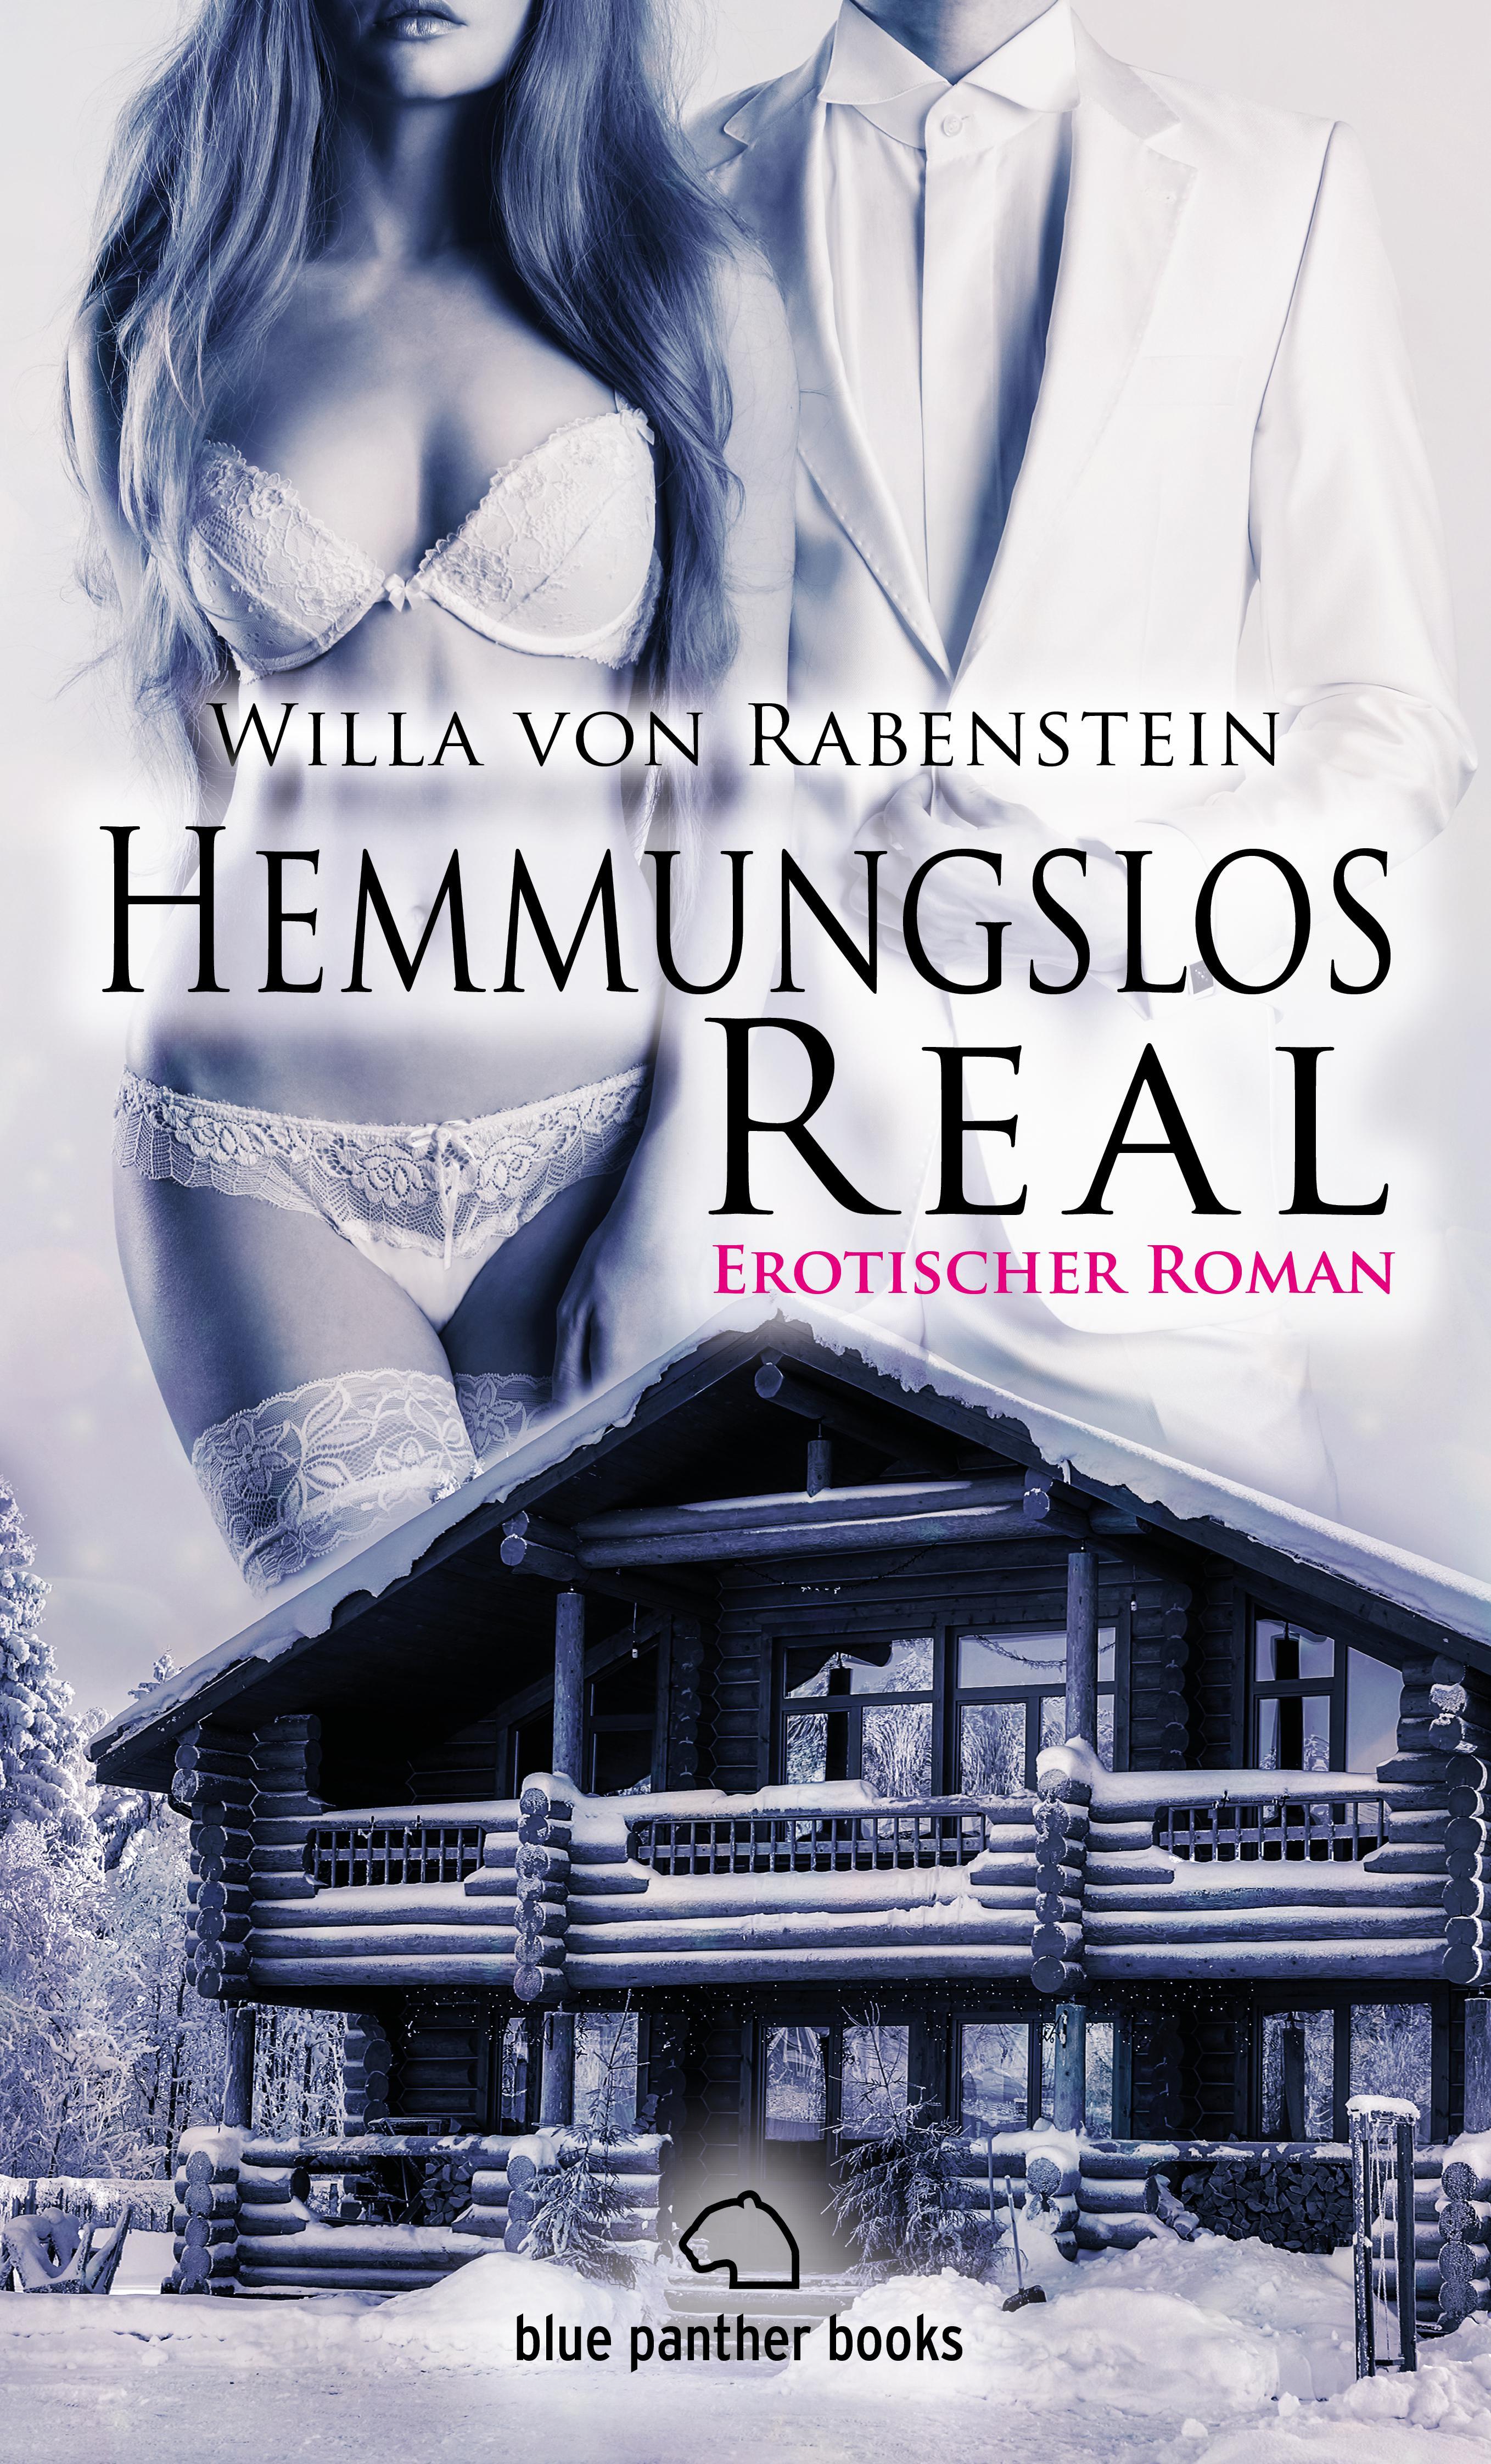 Willa von Rabenstein Hemmungslos Real | Erotischer Roman недорого